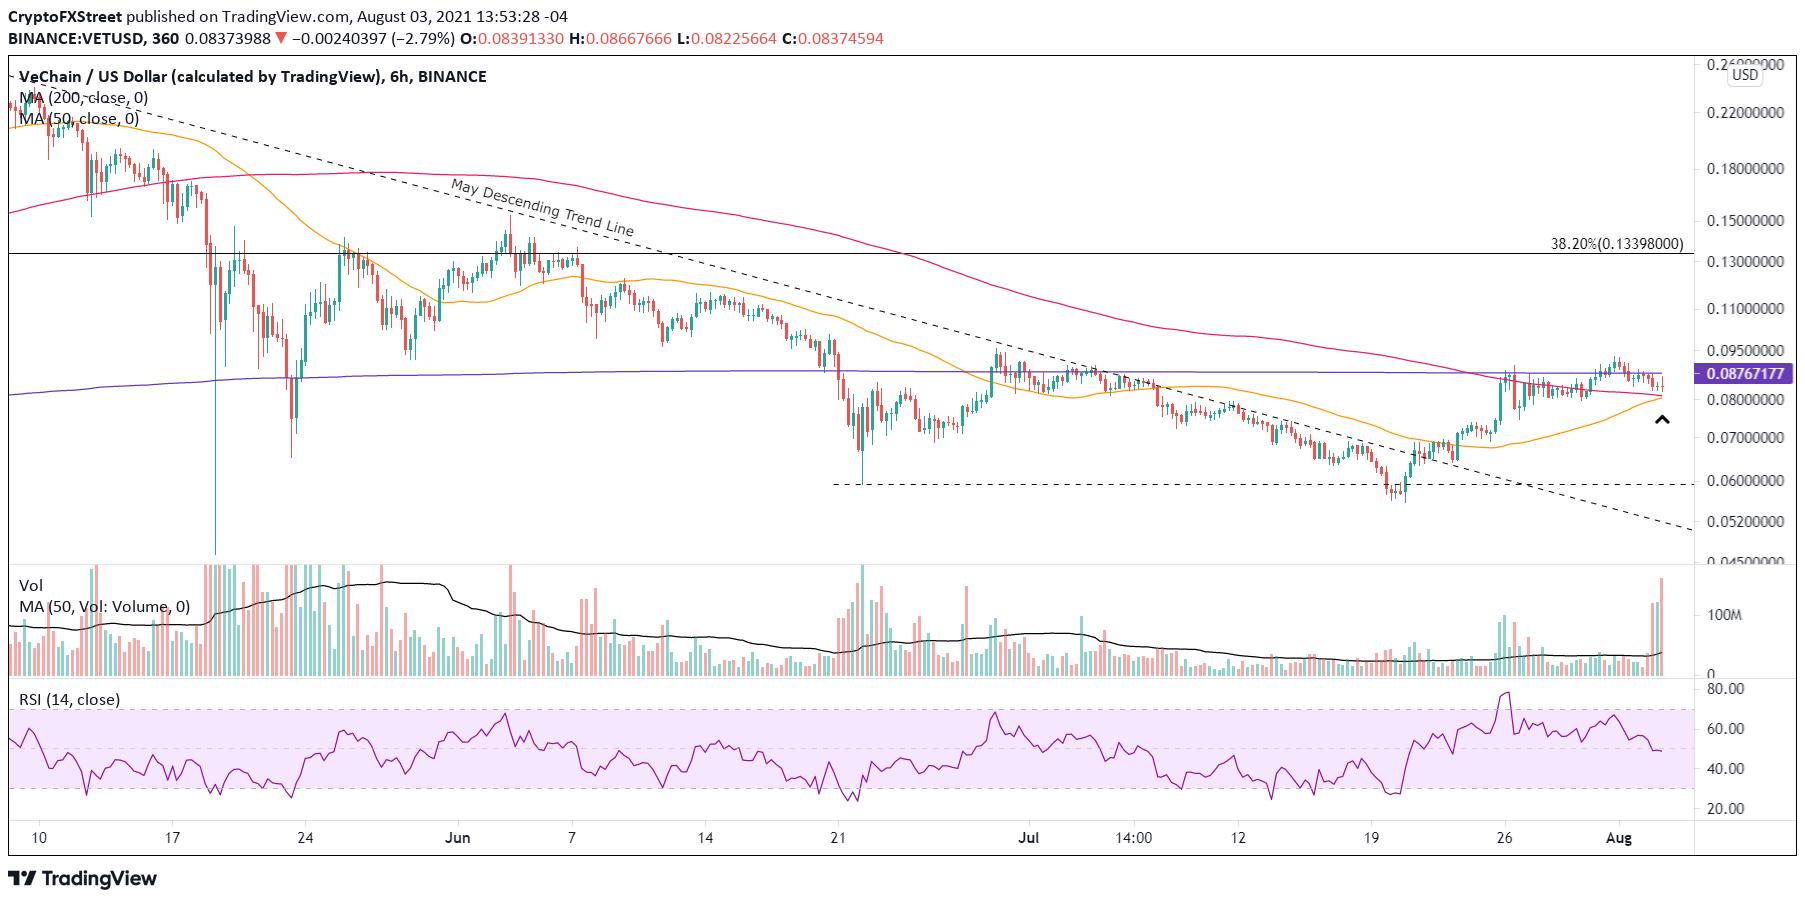 VET/USD 6-hour chart